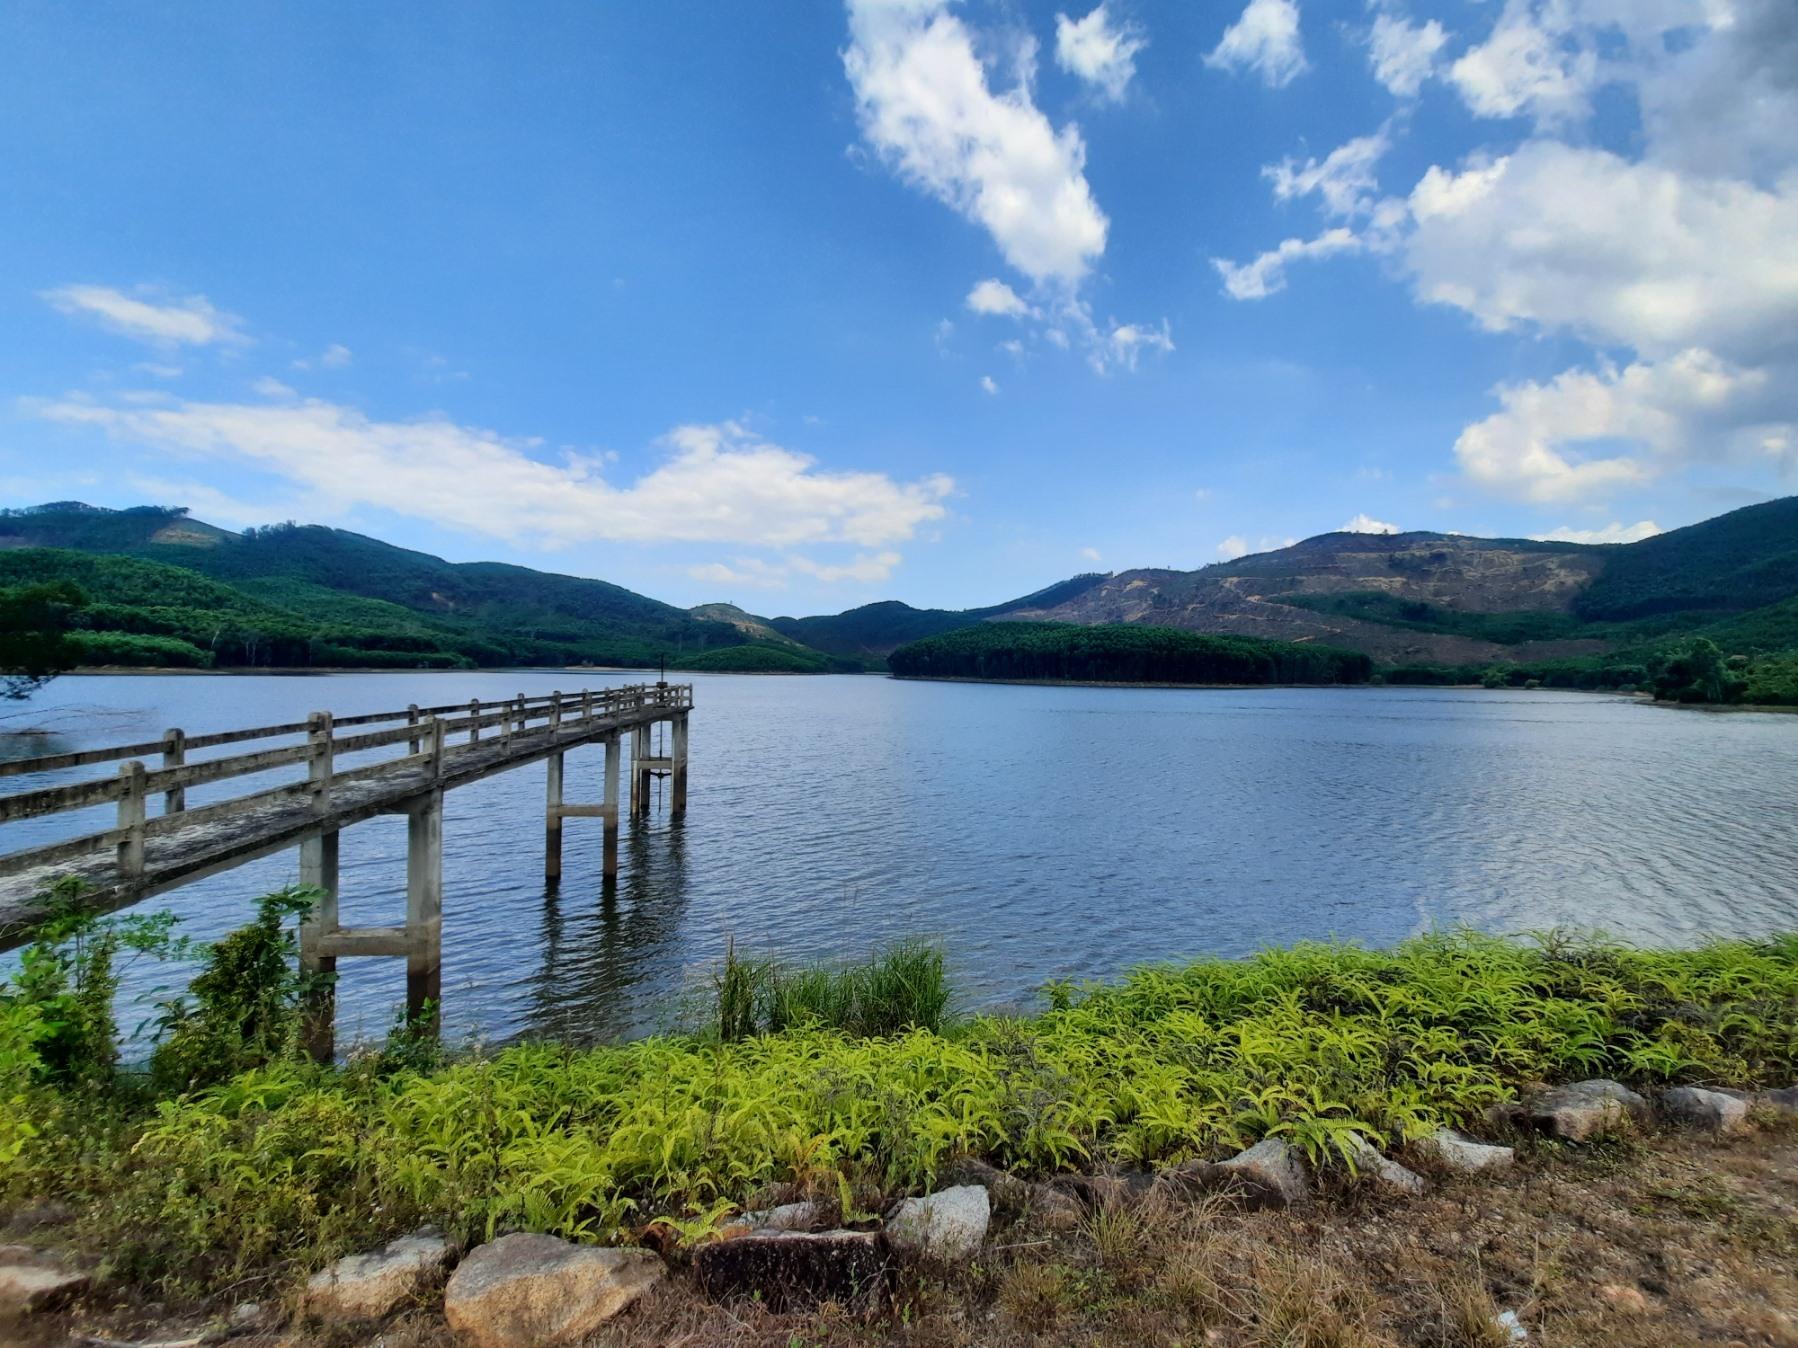 Đối với các hồ chứa thủy lợi, ngành nông nghiệp huyện Duy Xuyên đã xây dựng phương án tưới chi tiết cho từng hồ. Ảnh: H.ĐẠO